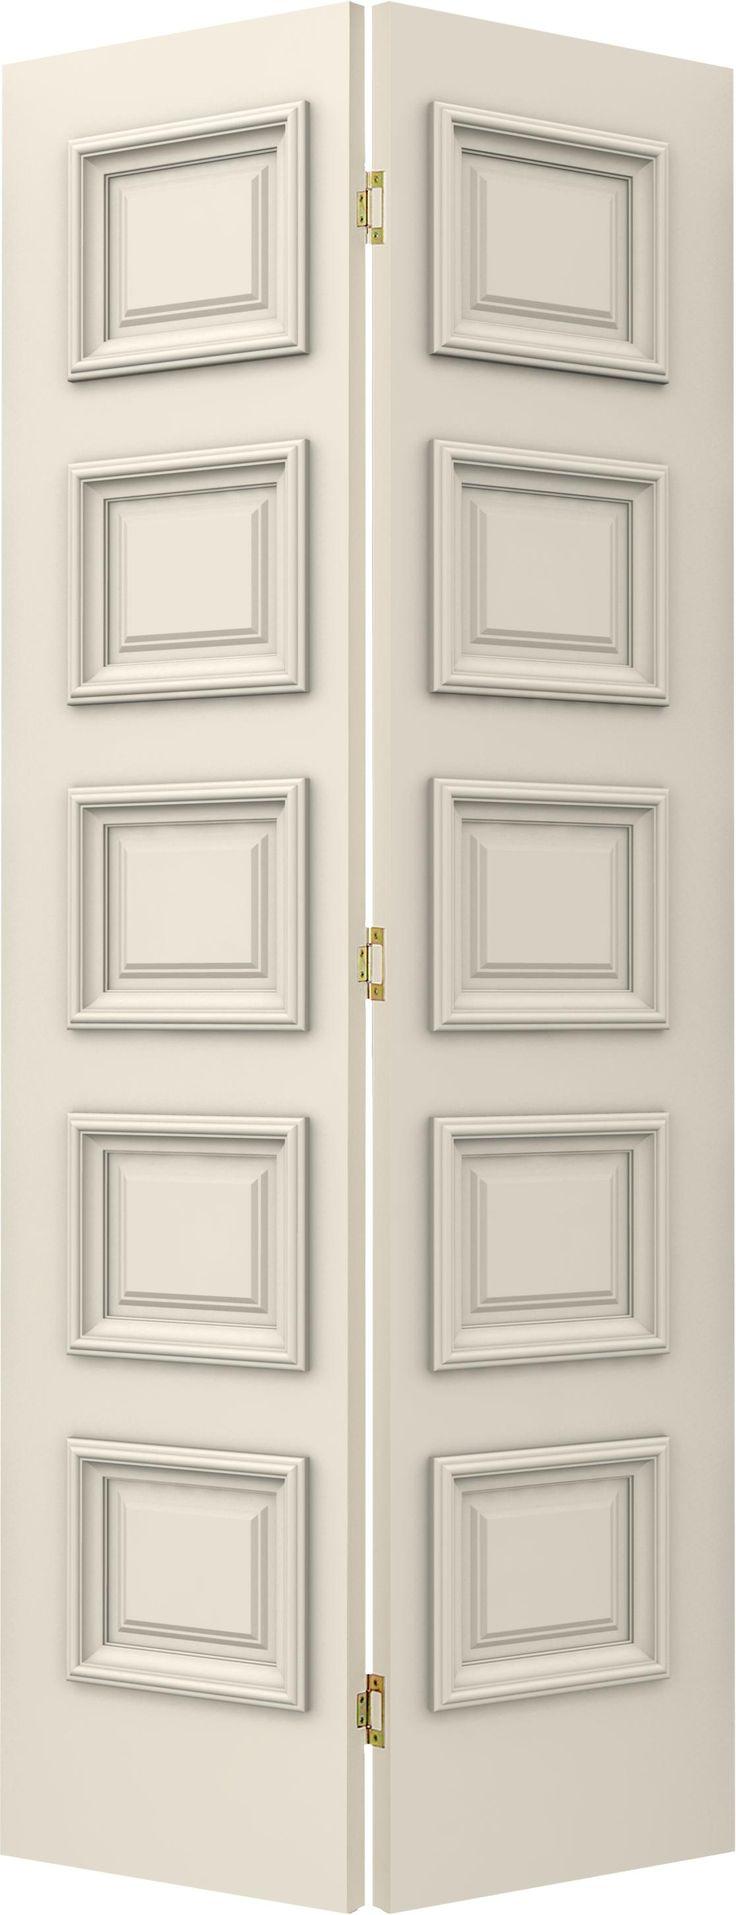 Best 25 Jeld Wen Interior Doors Ideas On Pinterest 2